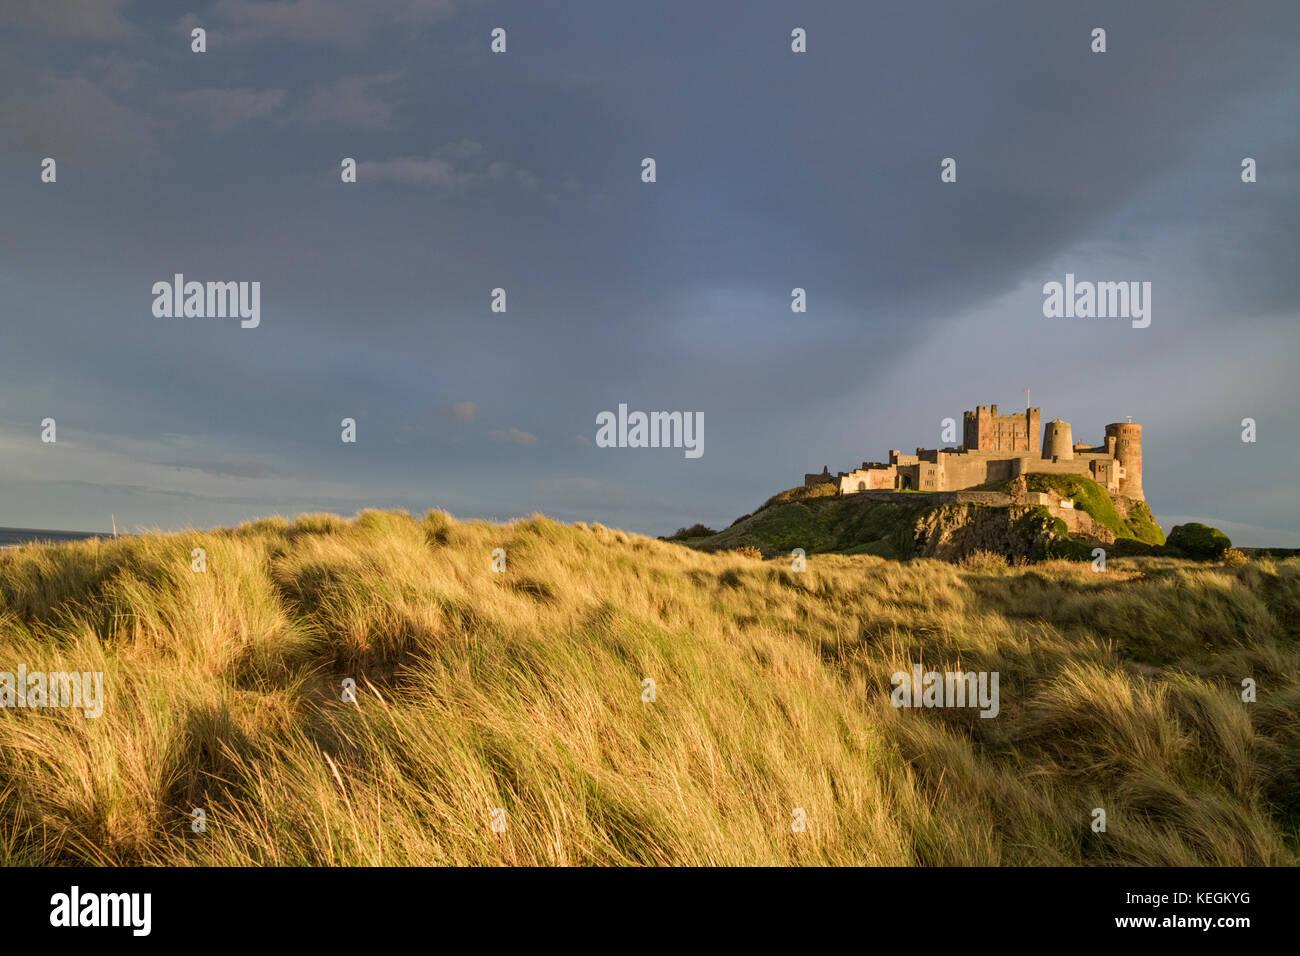 Evening light over Bamburgh Castle, Bamburgh, Northumberland, England, UK - Stock Image